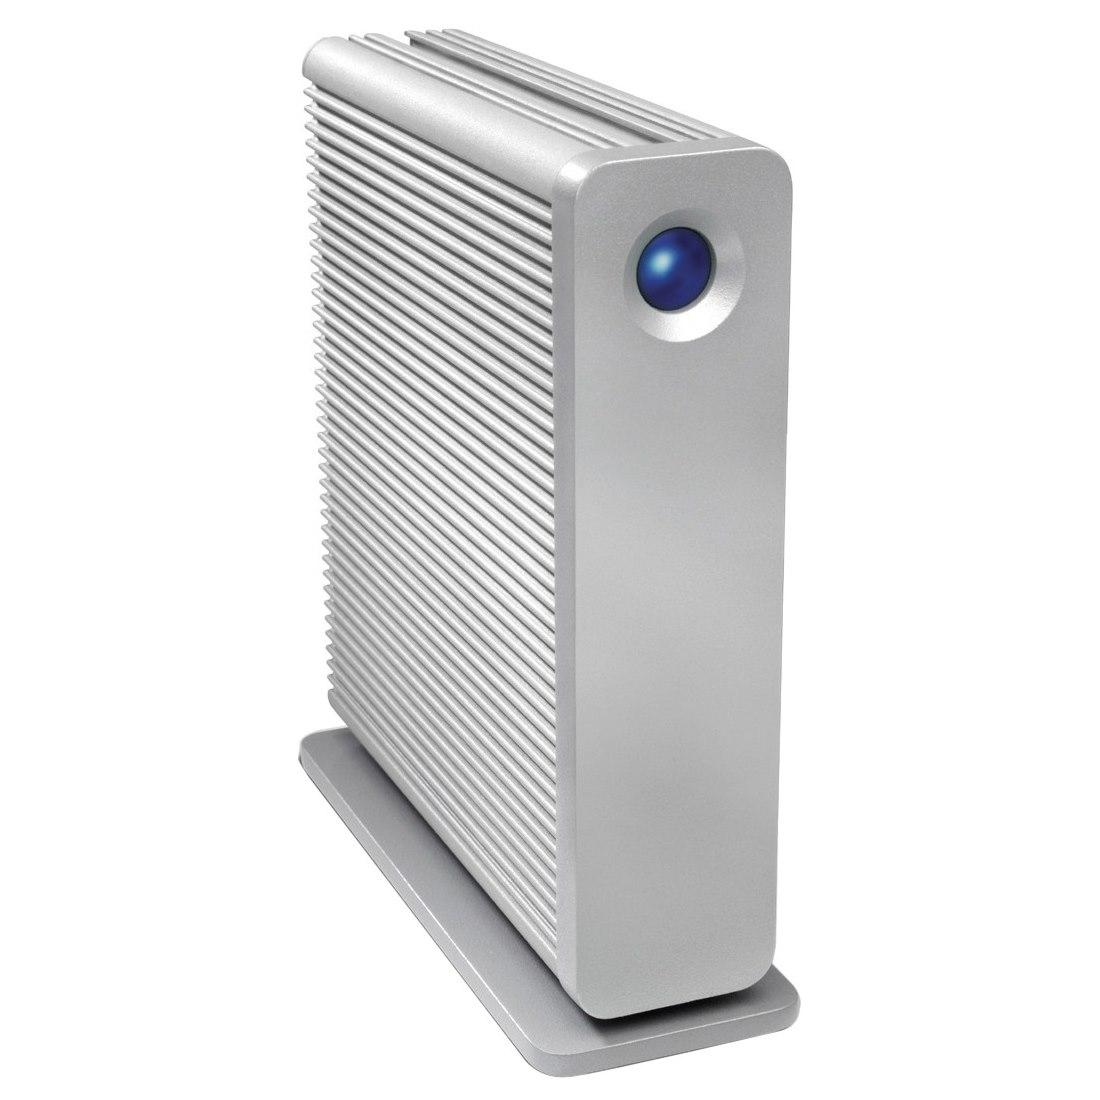 LaCie d2 Quadra STGJ6000400 6 TB External Hard Drive - SATA - Desktop